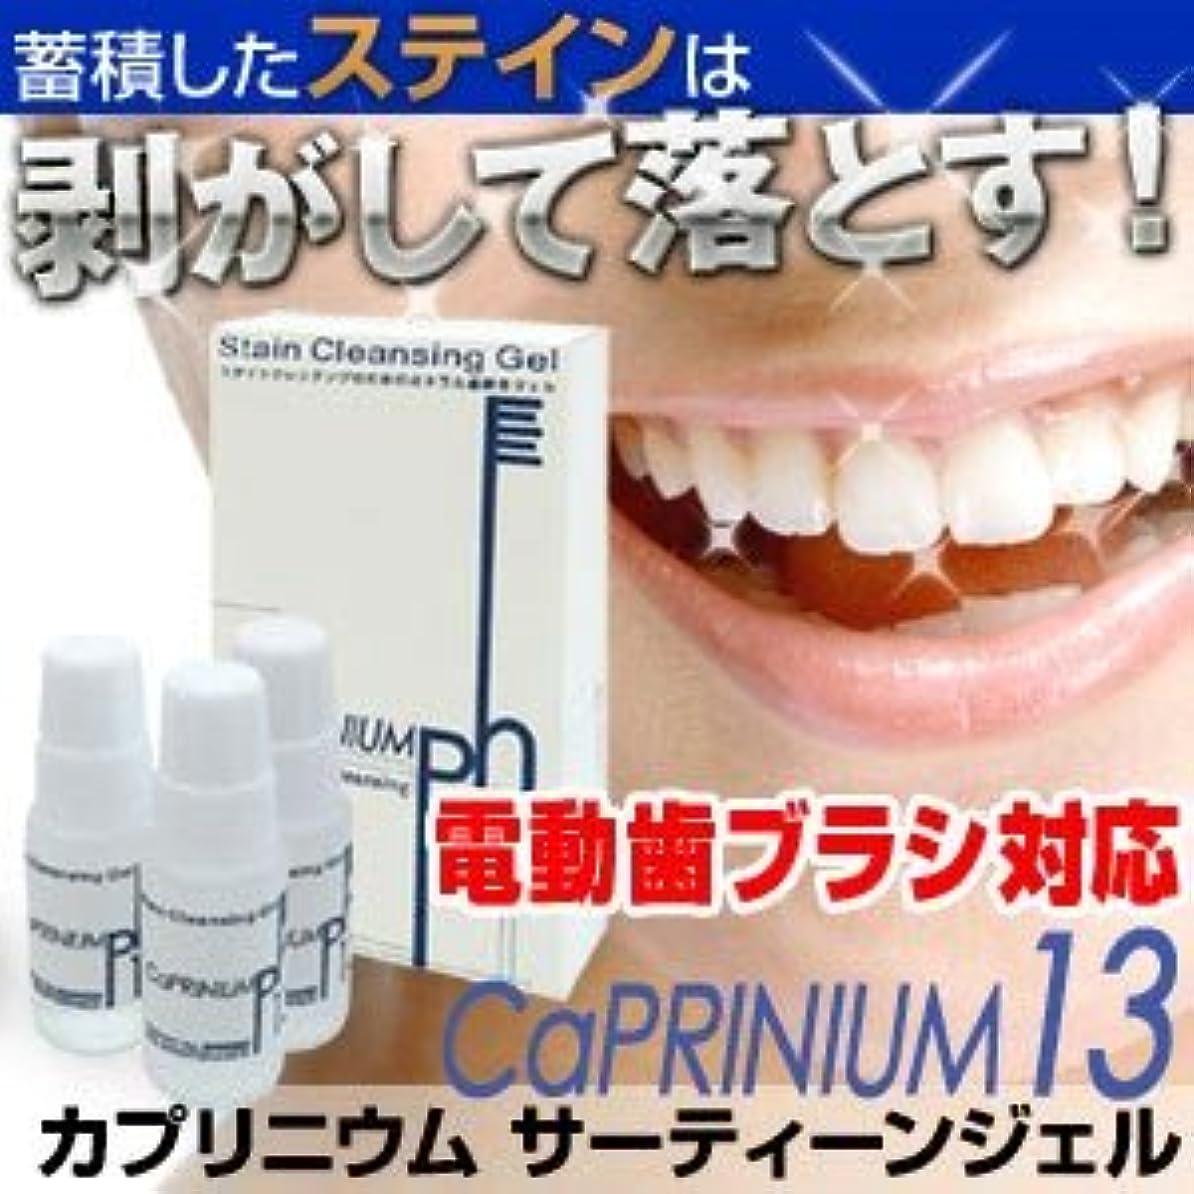 防衛チャーターレーザカプリニウム サーティーンジェル(CaPRINIUM 13) 新発想のホワイトニング歯磨きジェル